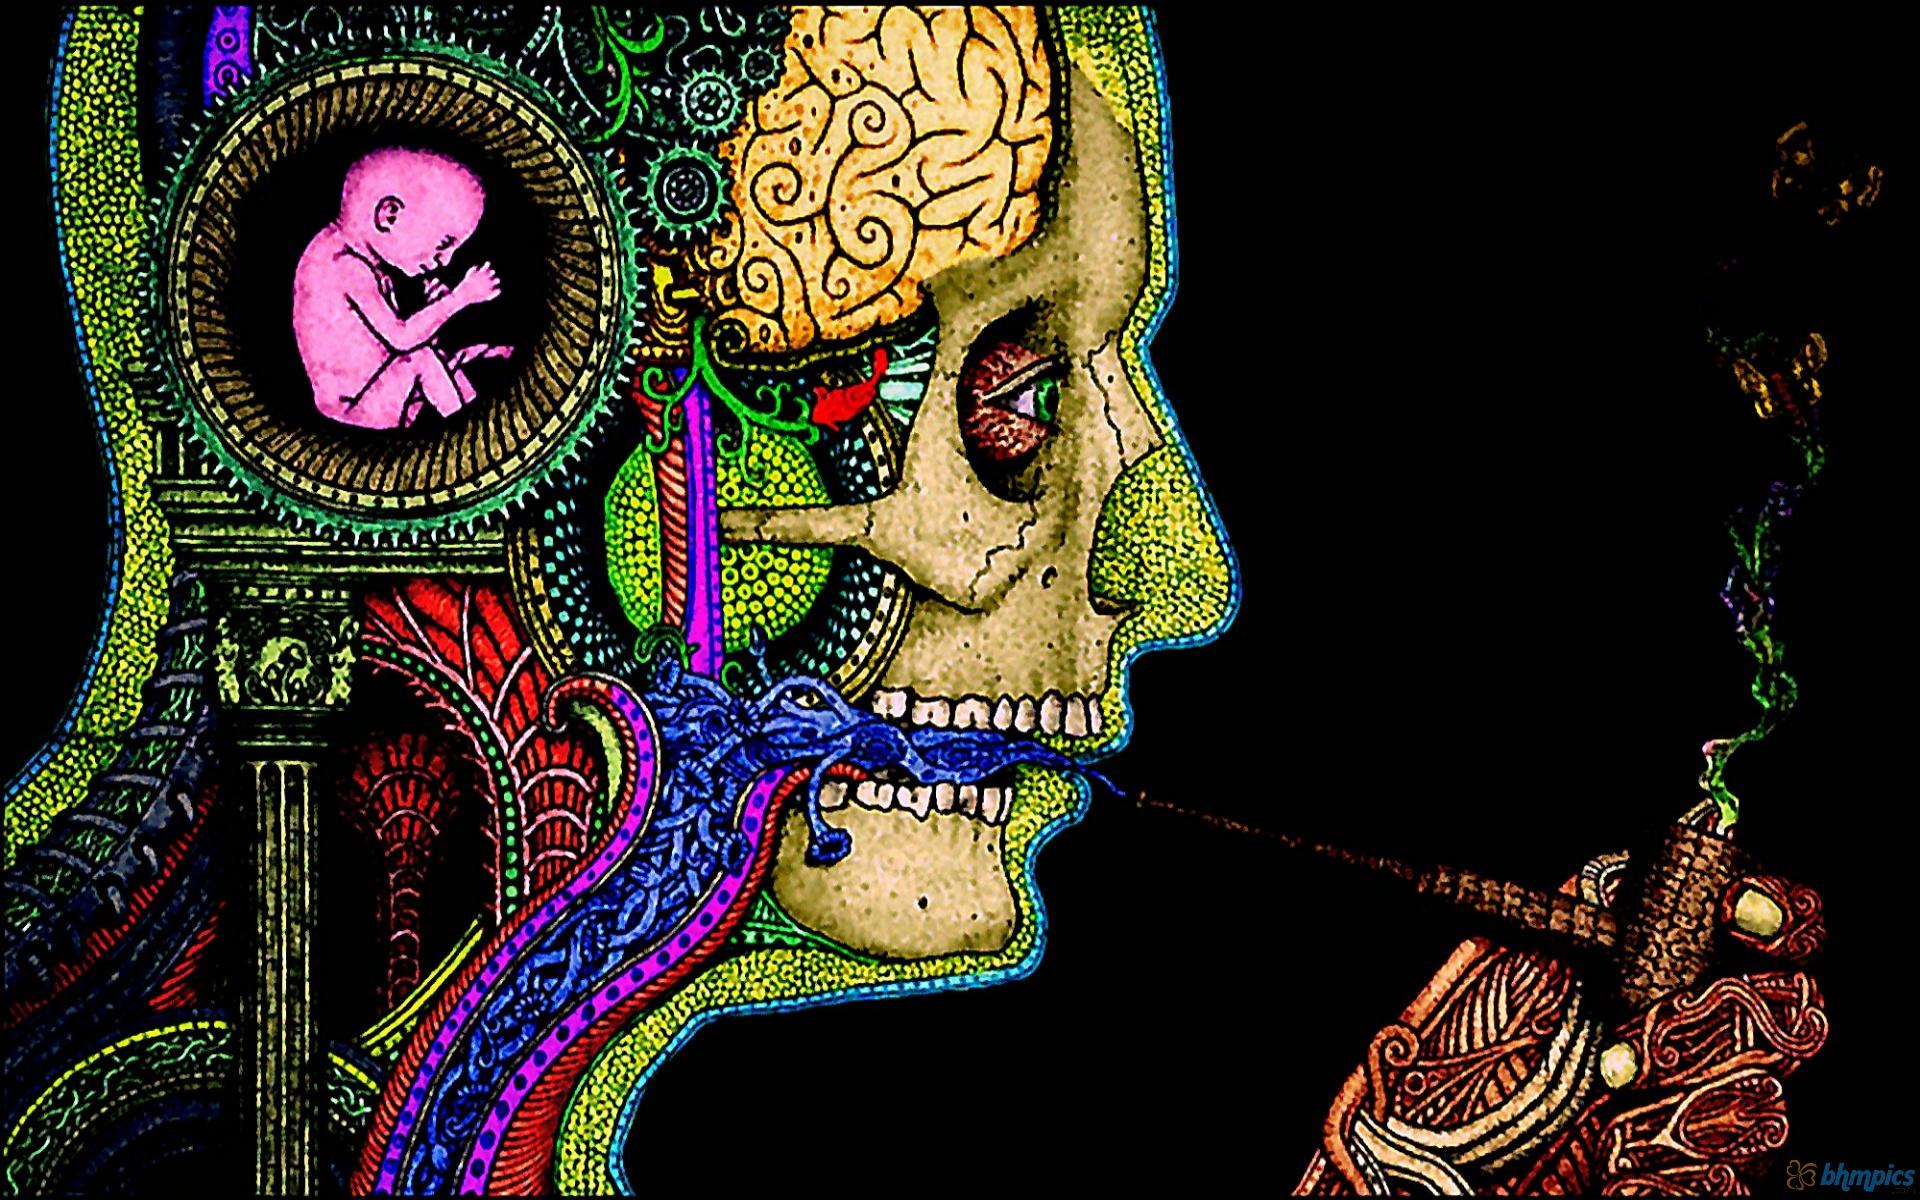 психоделические картинки: